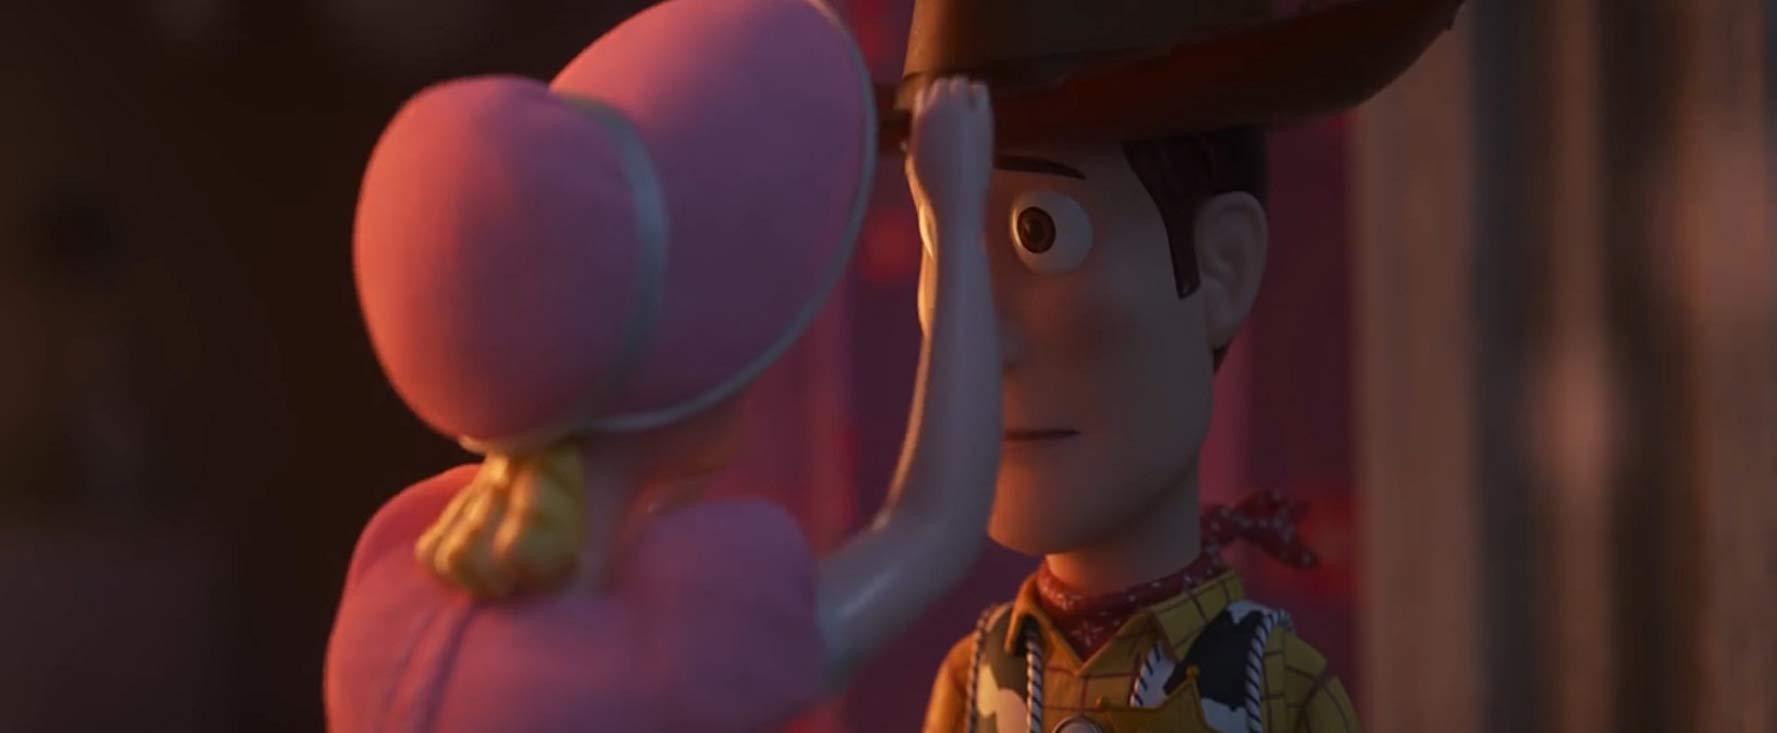 REVIEW Toy Story 4 (Câu Chuyện Đồ Chơi 4) - Hình 7